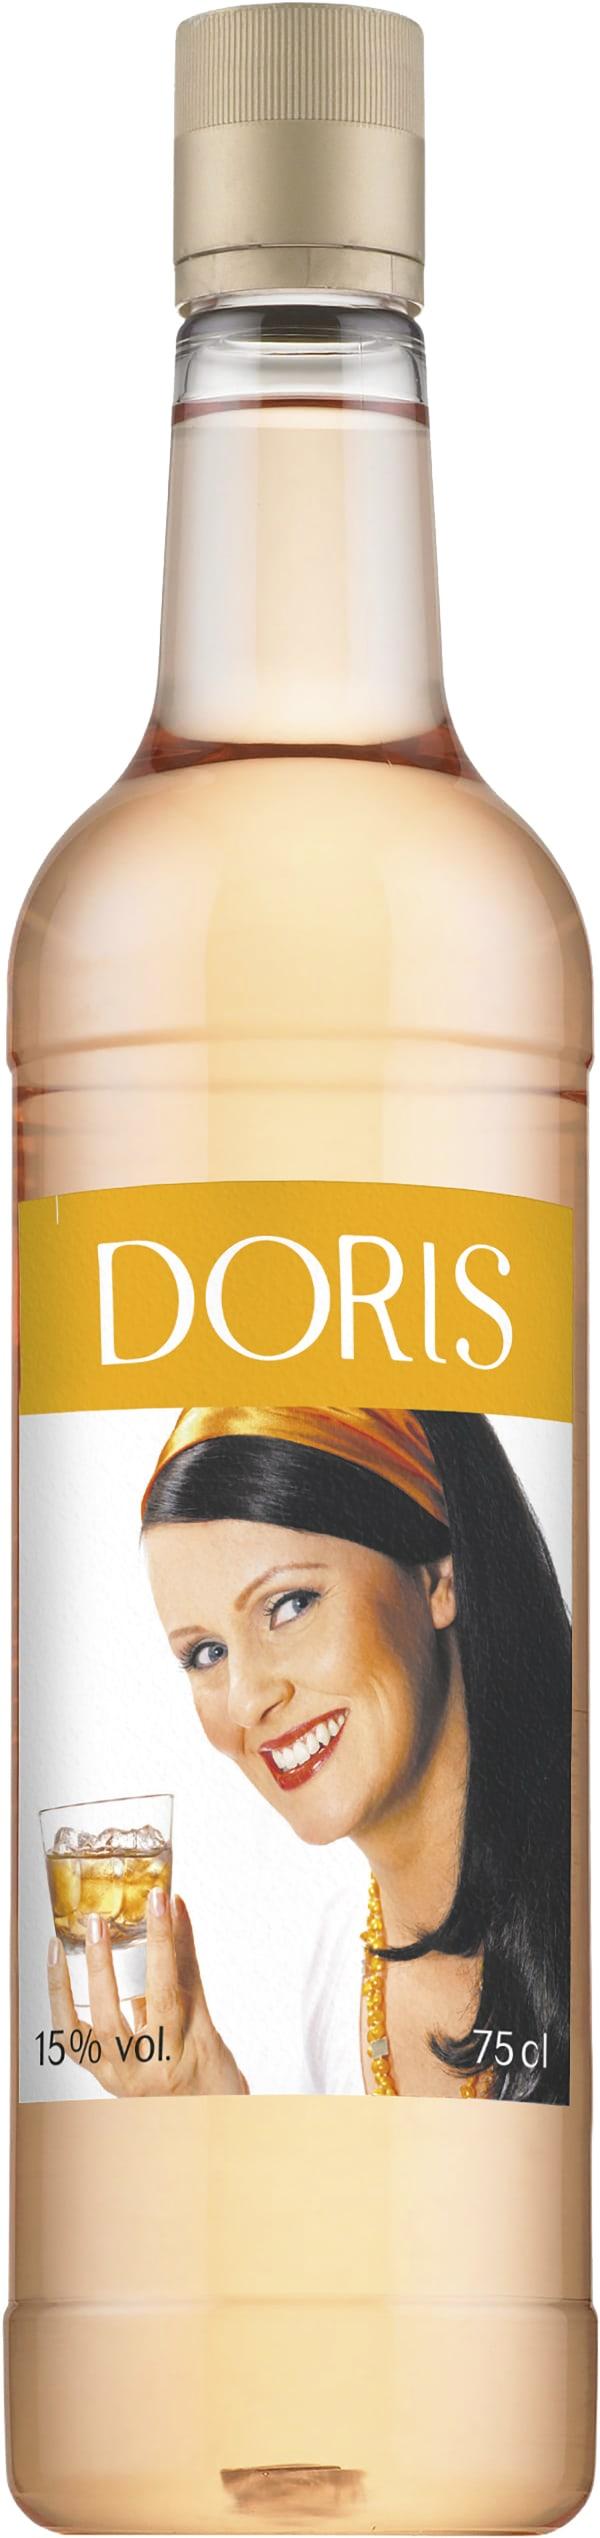 Doris plastic bottle